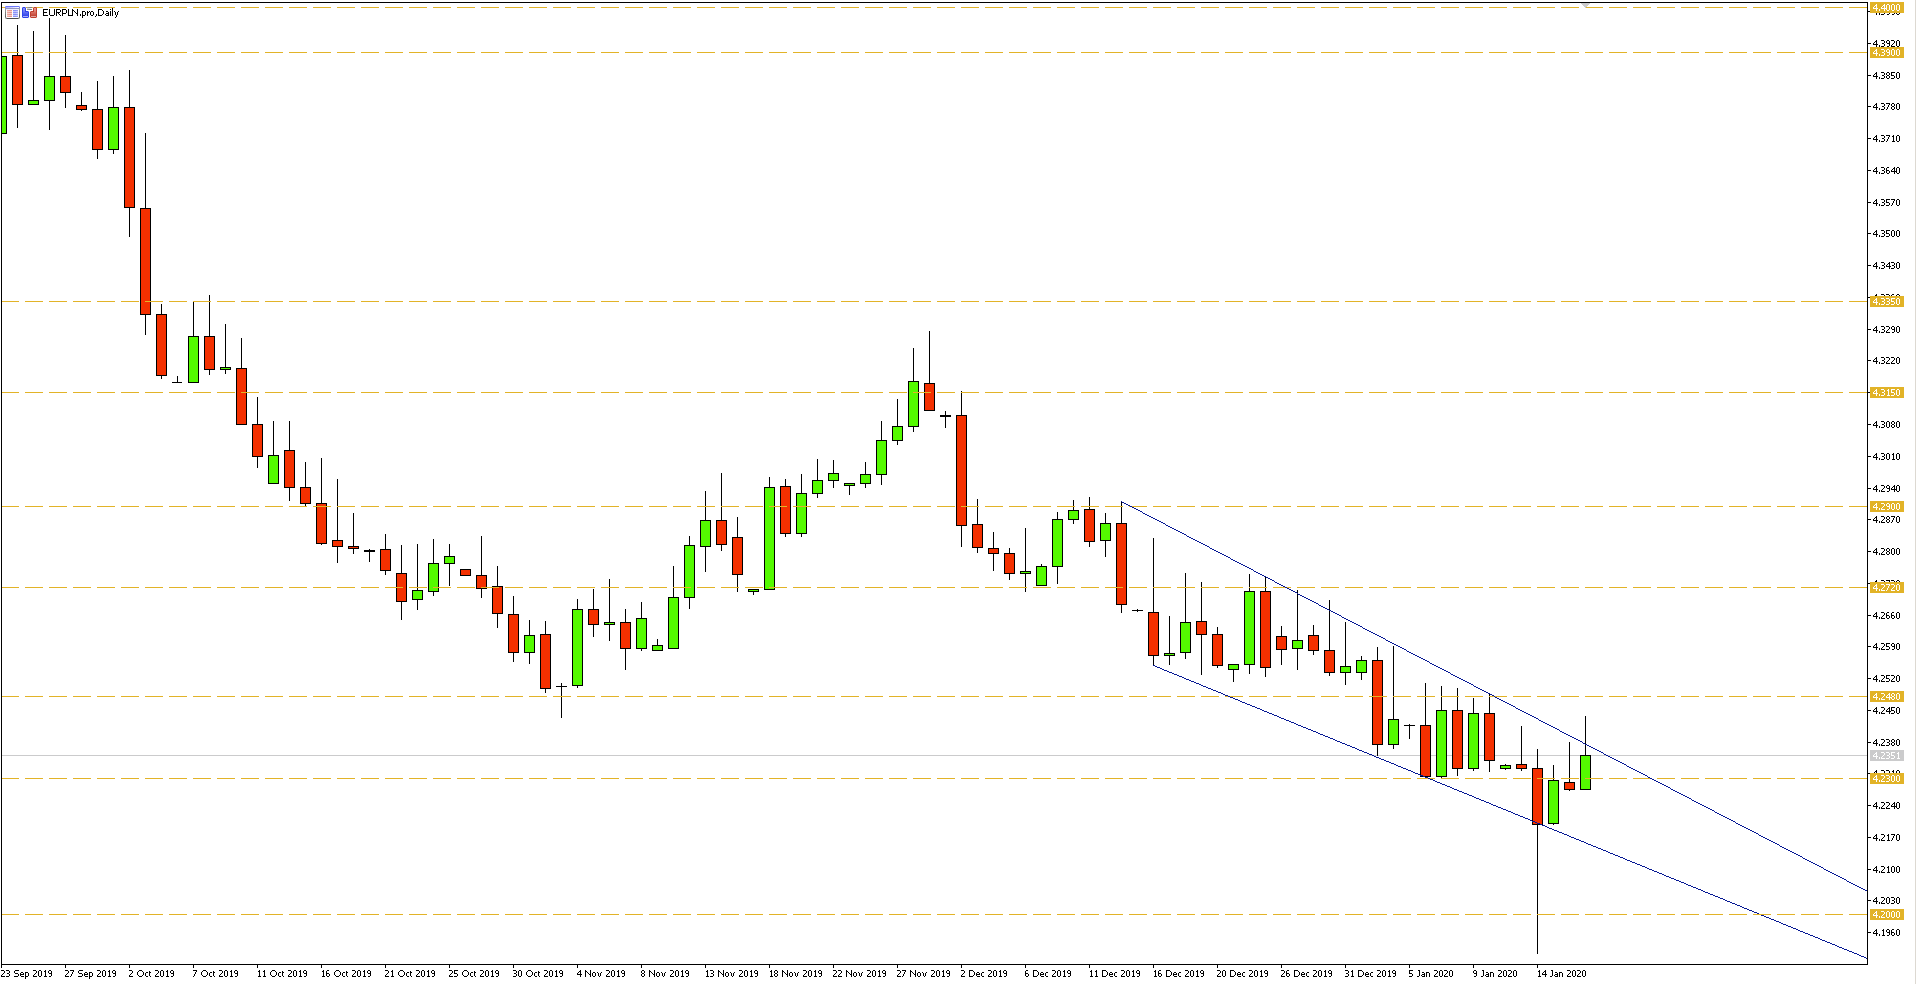 Wykres dzienny pary walutowej EURPLN - 17.01.2020 r.